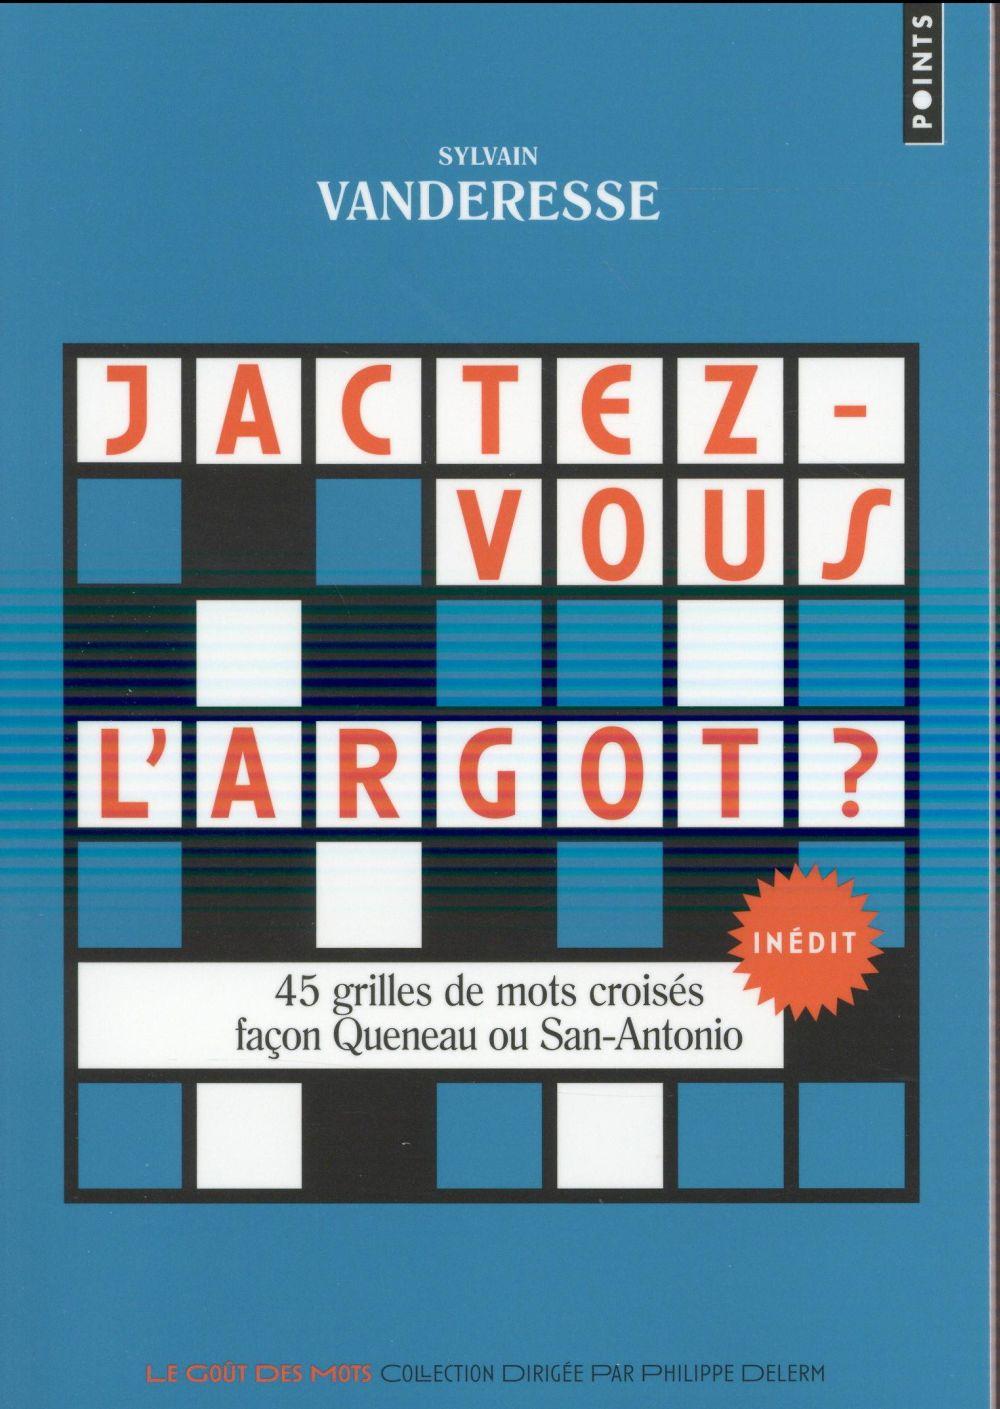 JACTEZ-VOUS L'ARGOT ? - 45 GRILLES DE MOTS CROISES FACON QUENEAU OU SAN-ANTONIO